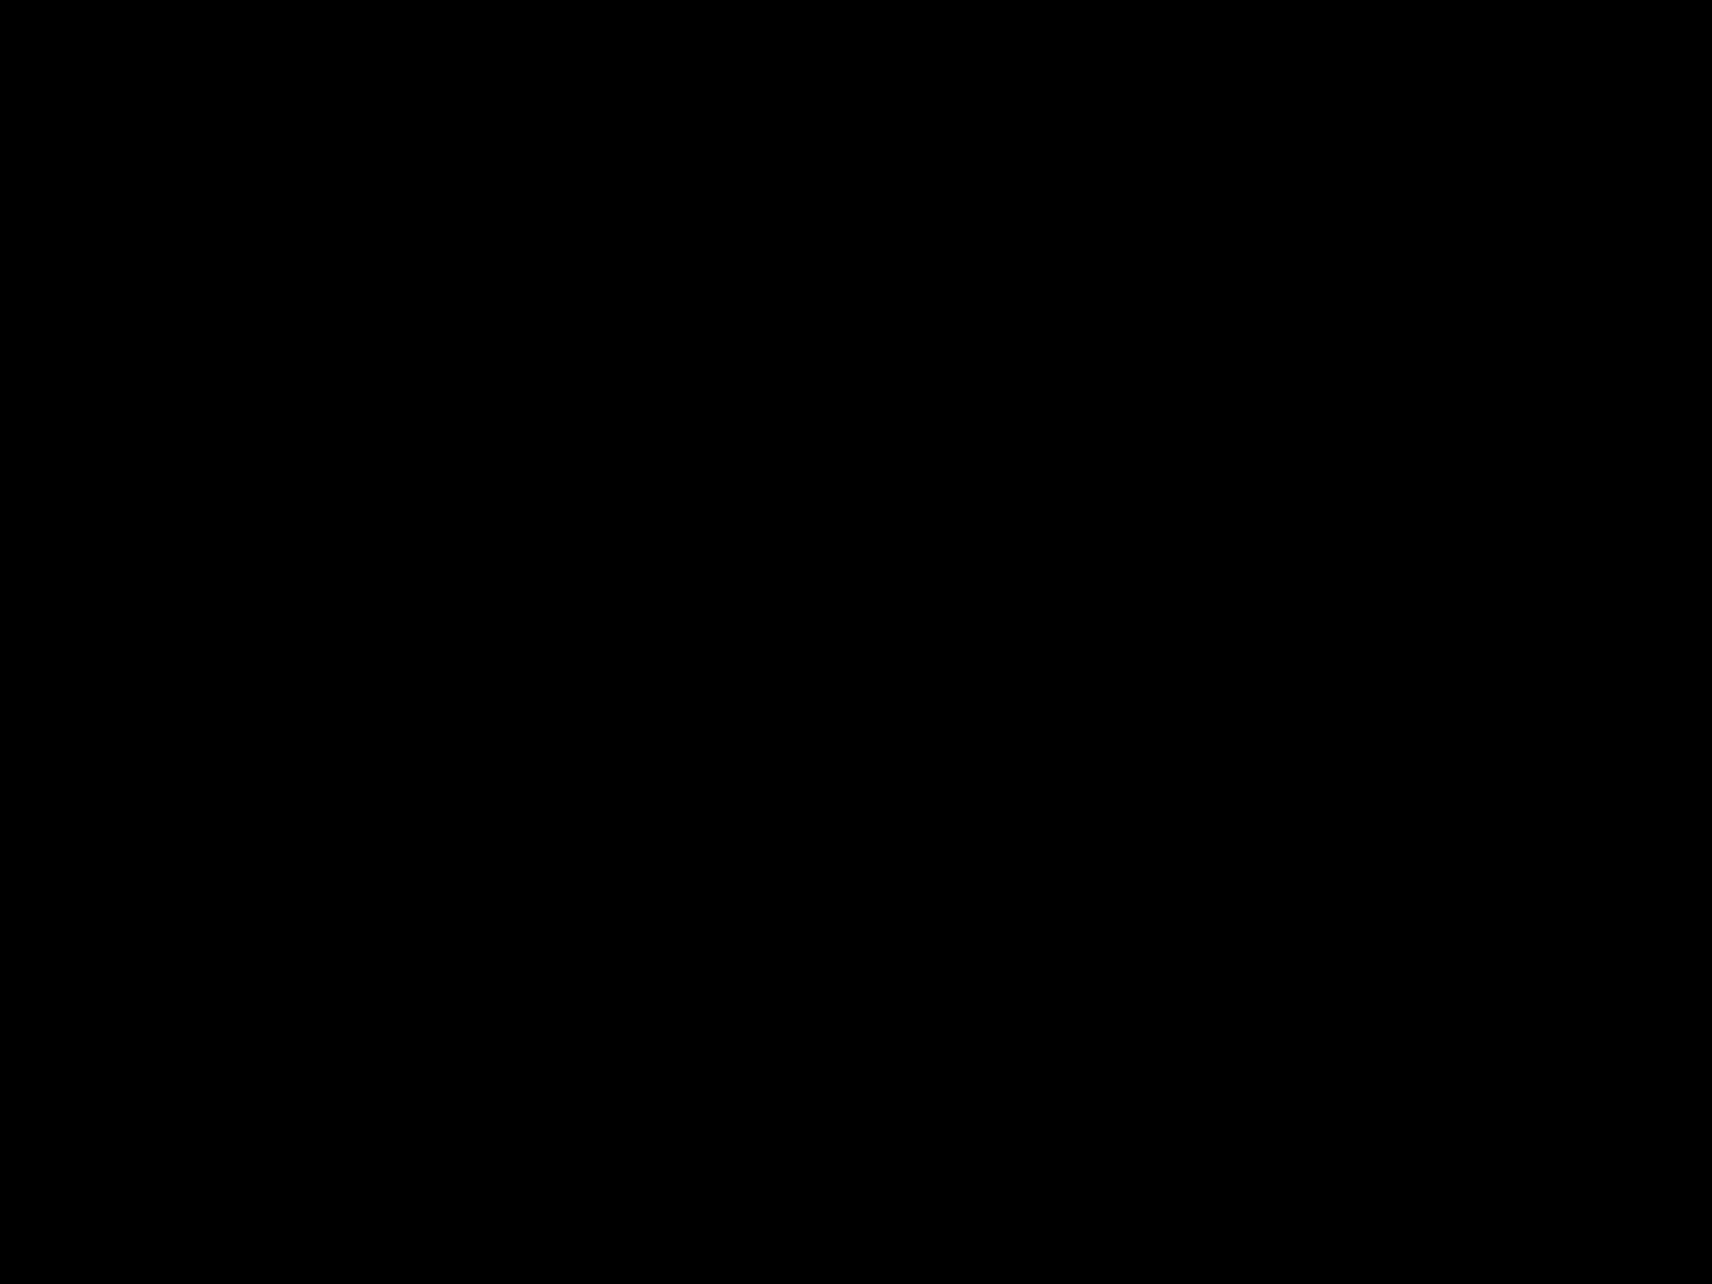 22805_10.jpg